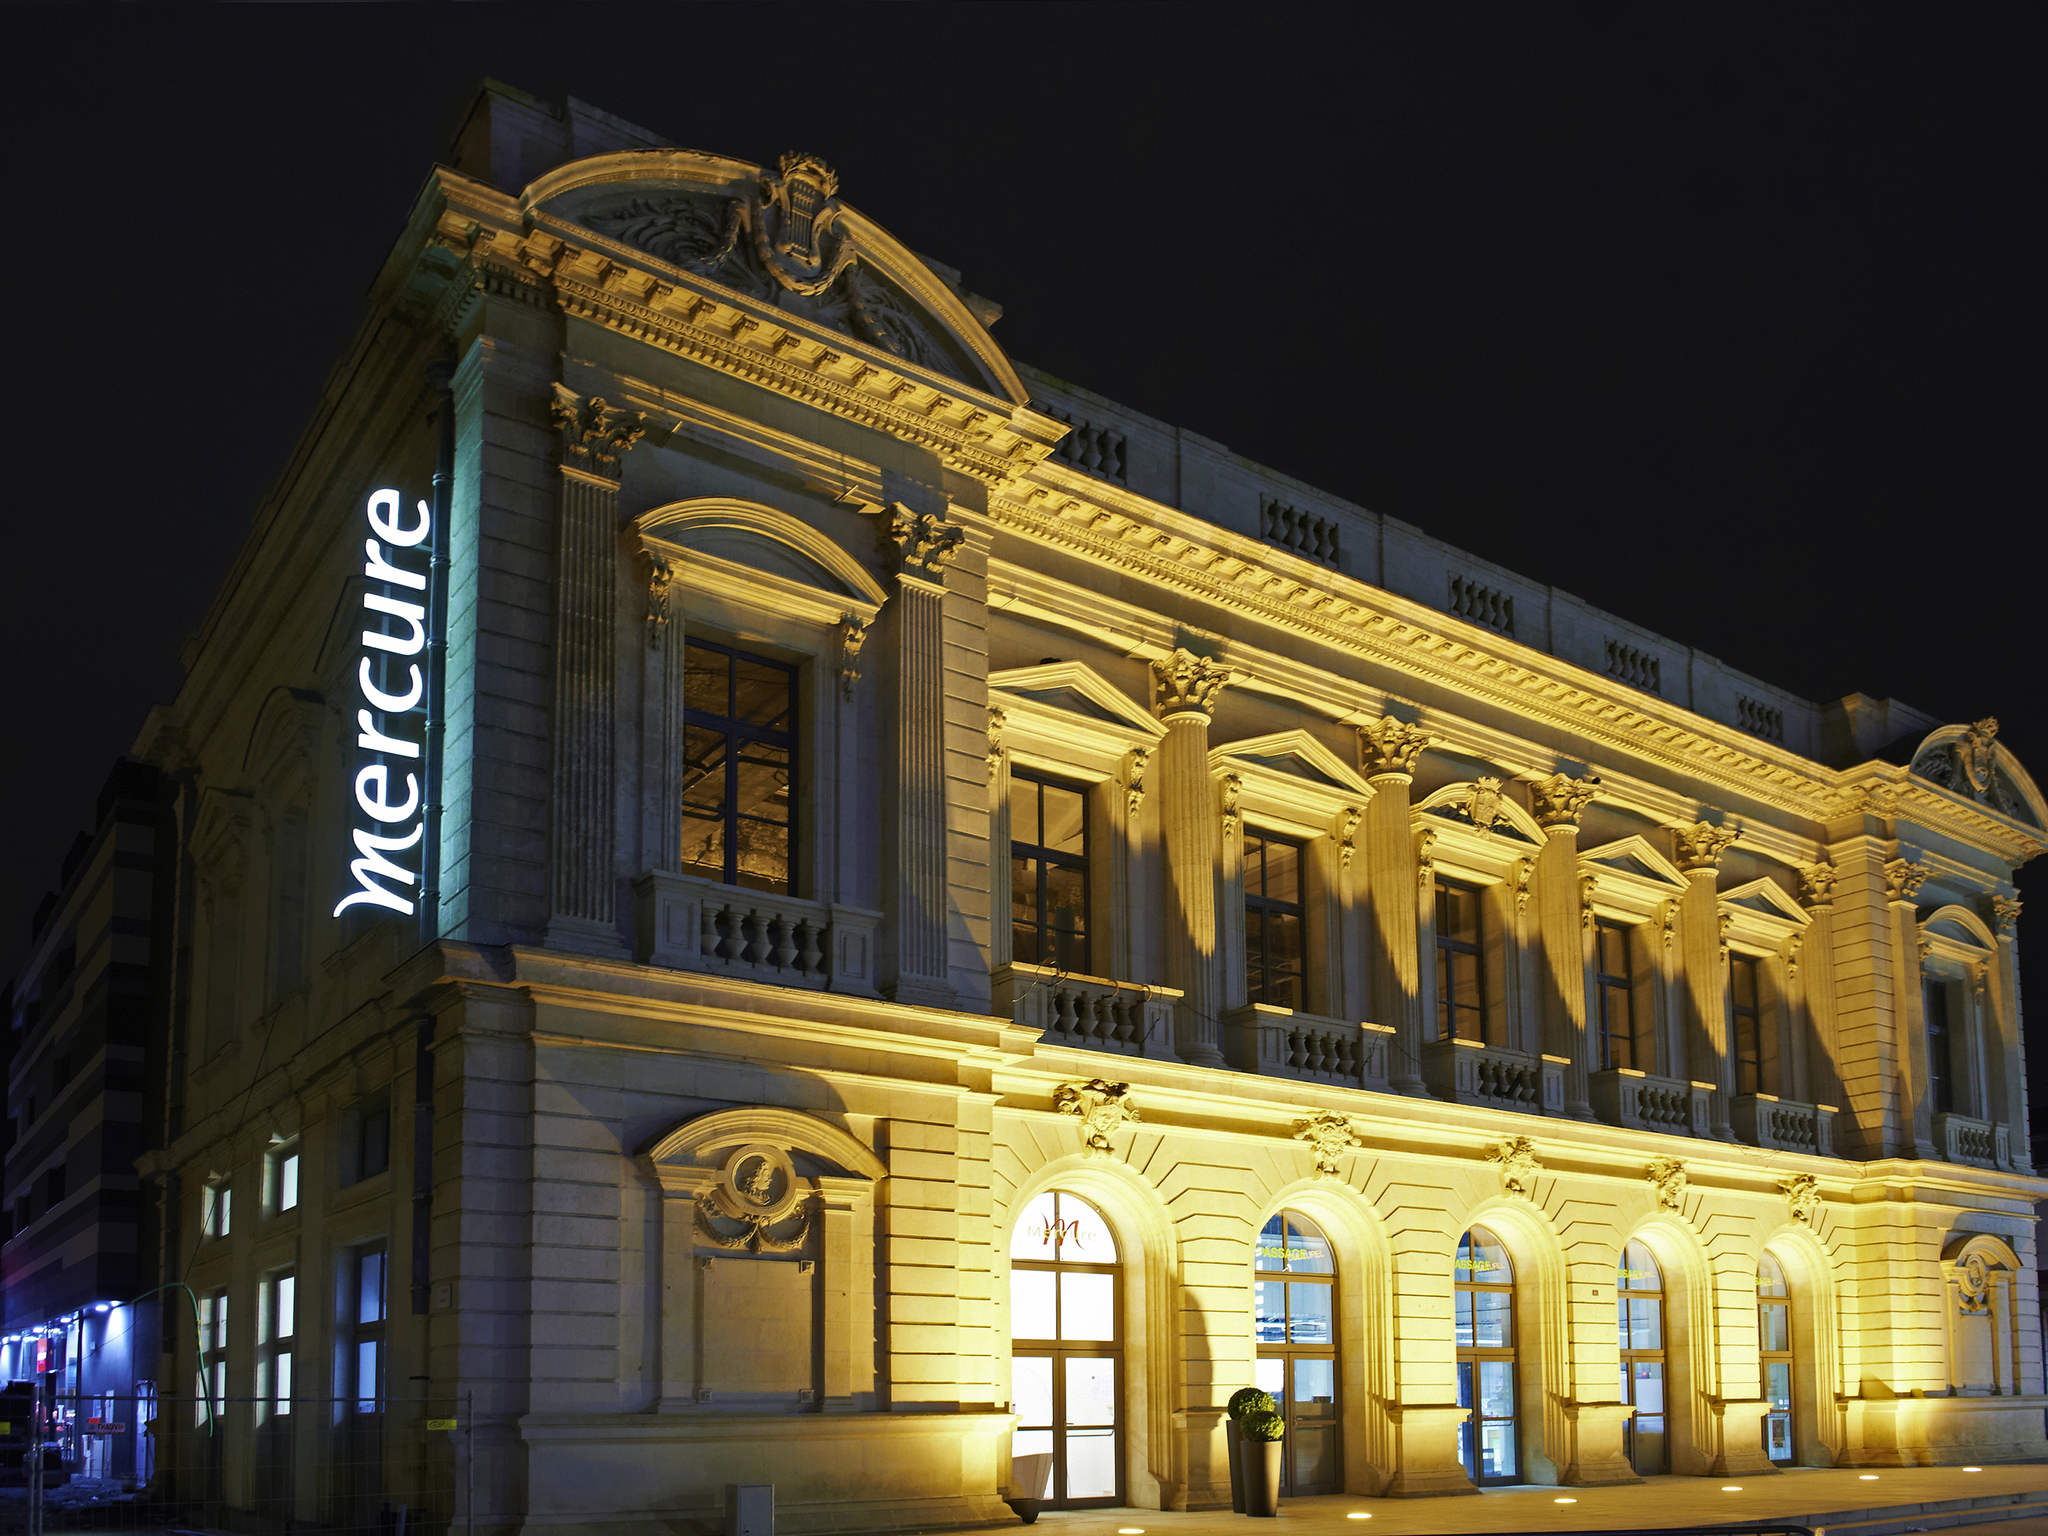 Hôtel - Hôtel Mercure Cholet Centre